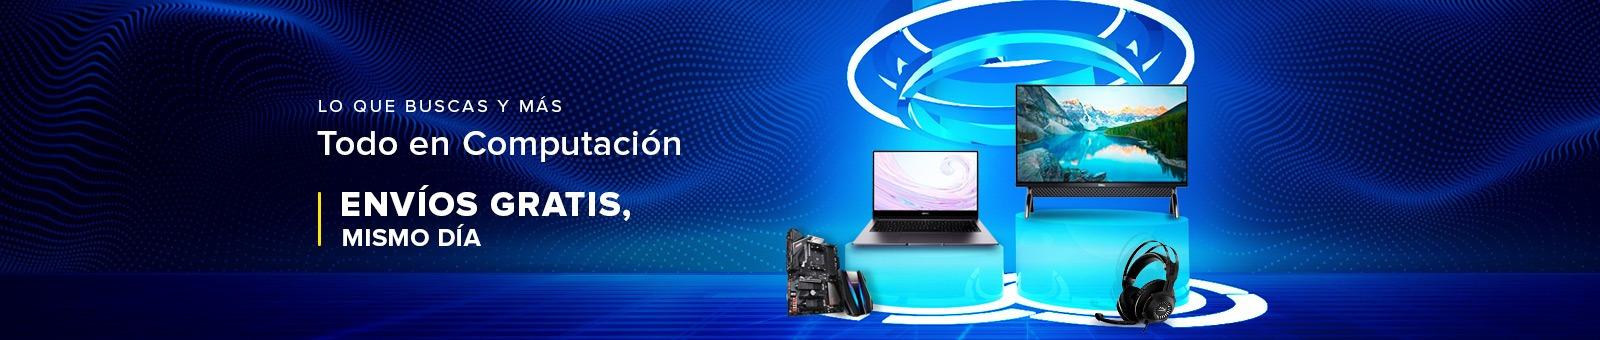 Flagship Computación